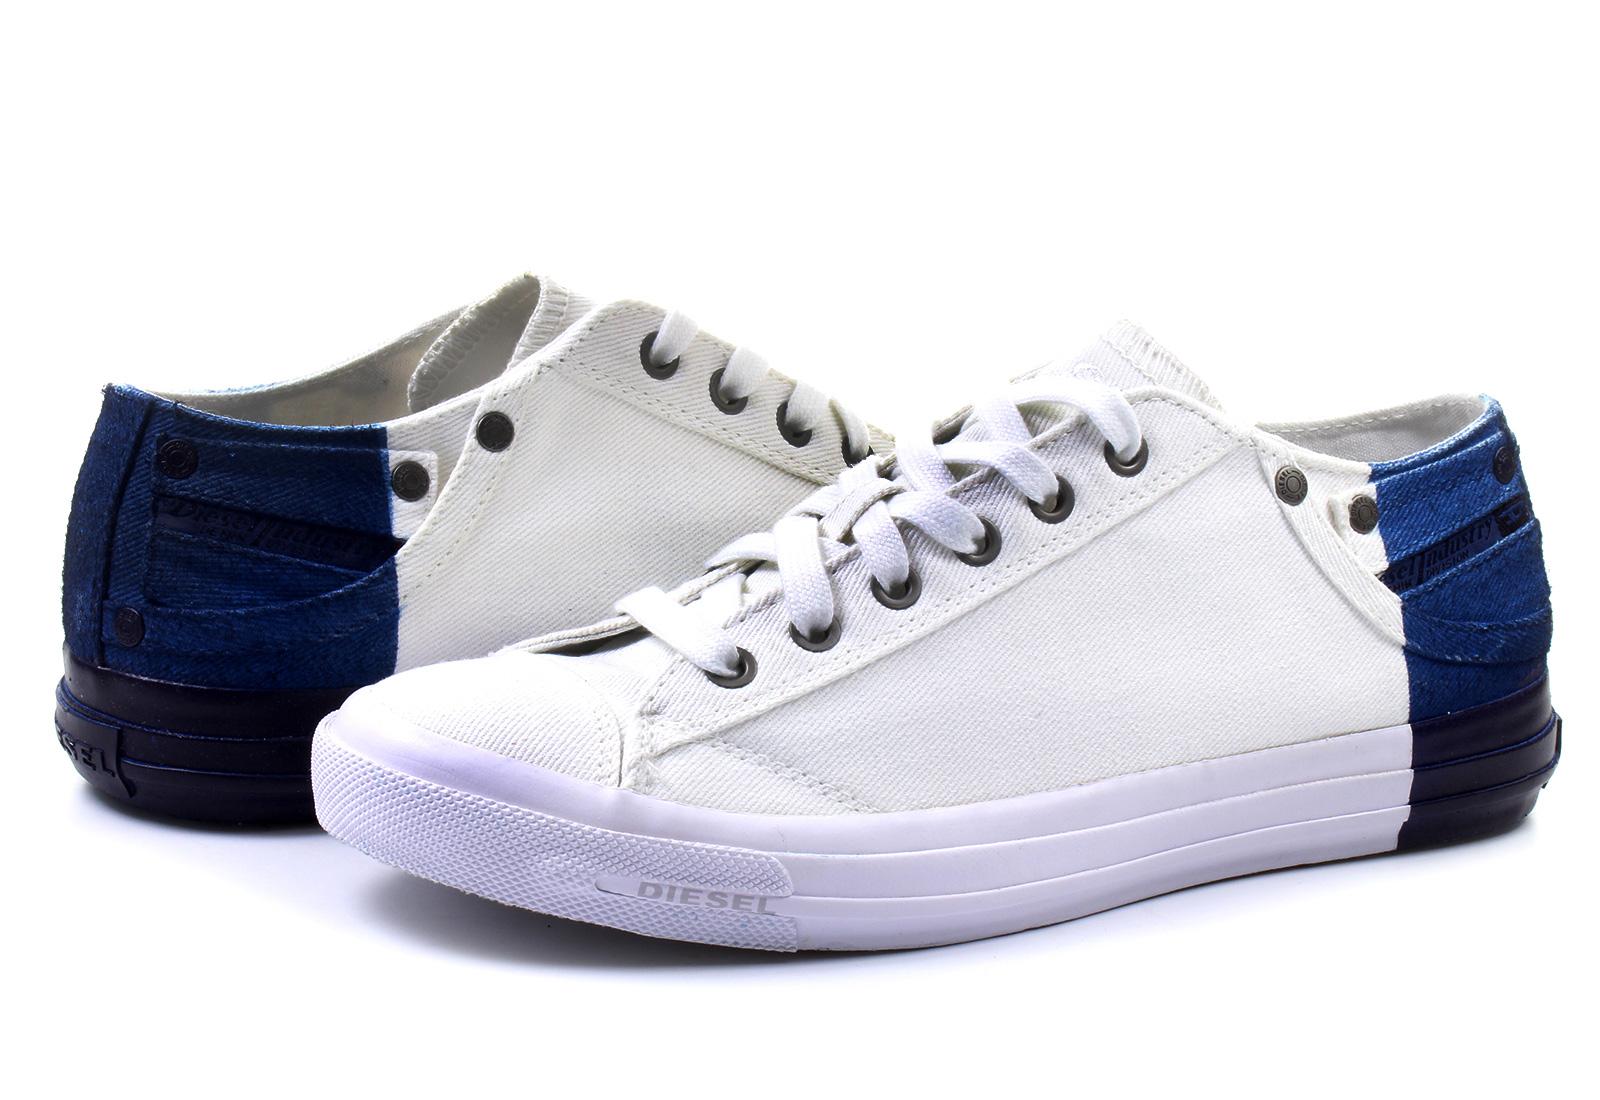 Diesel Sneakers - Exposure Low - 321-192-5288 - Online ...